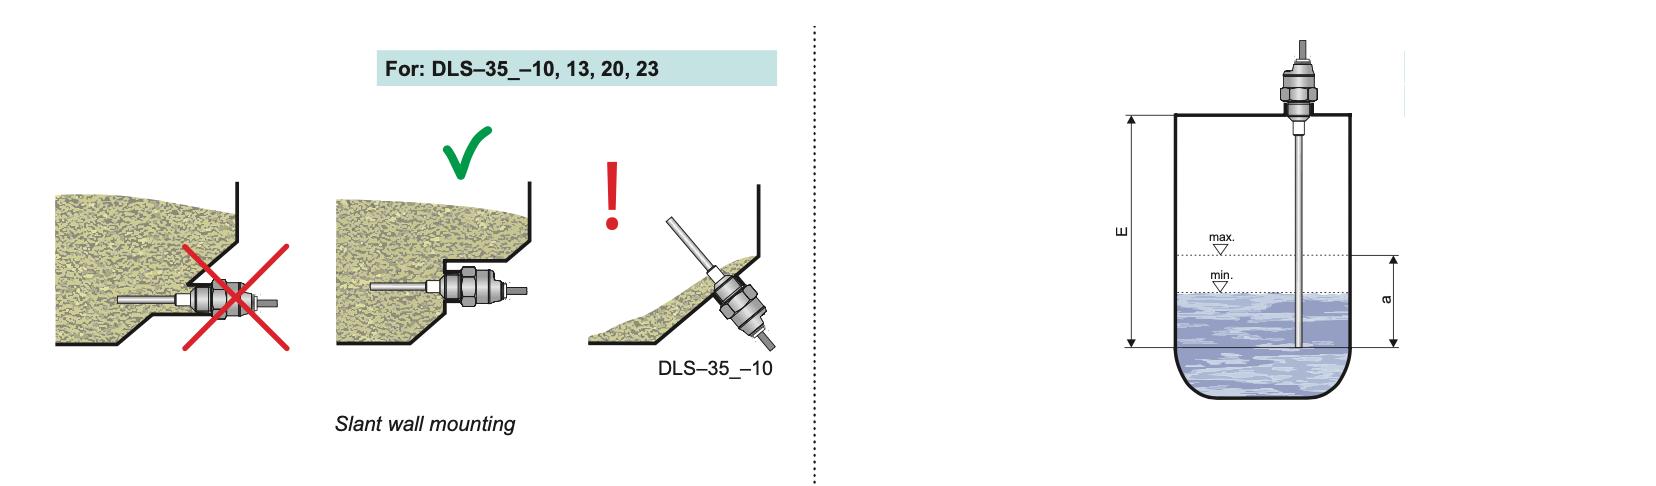 Ứng dụng cảm biến báo mức điện dung DLS-35N